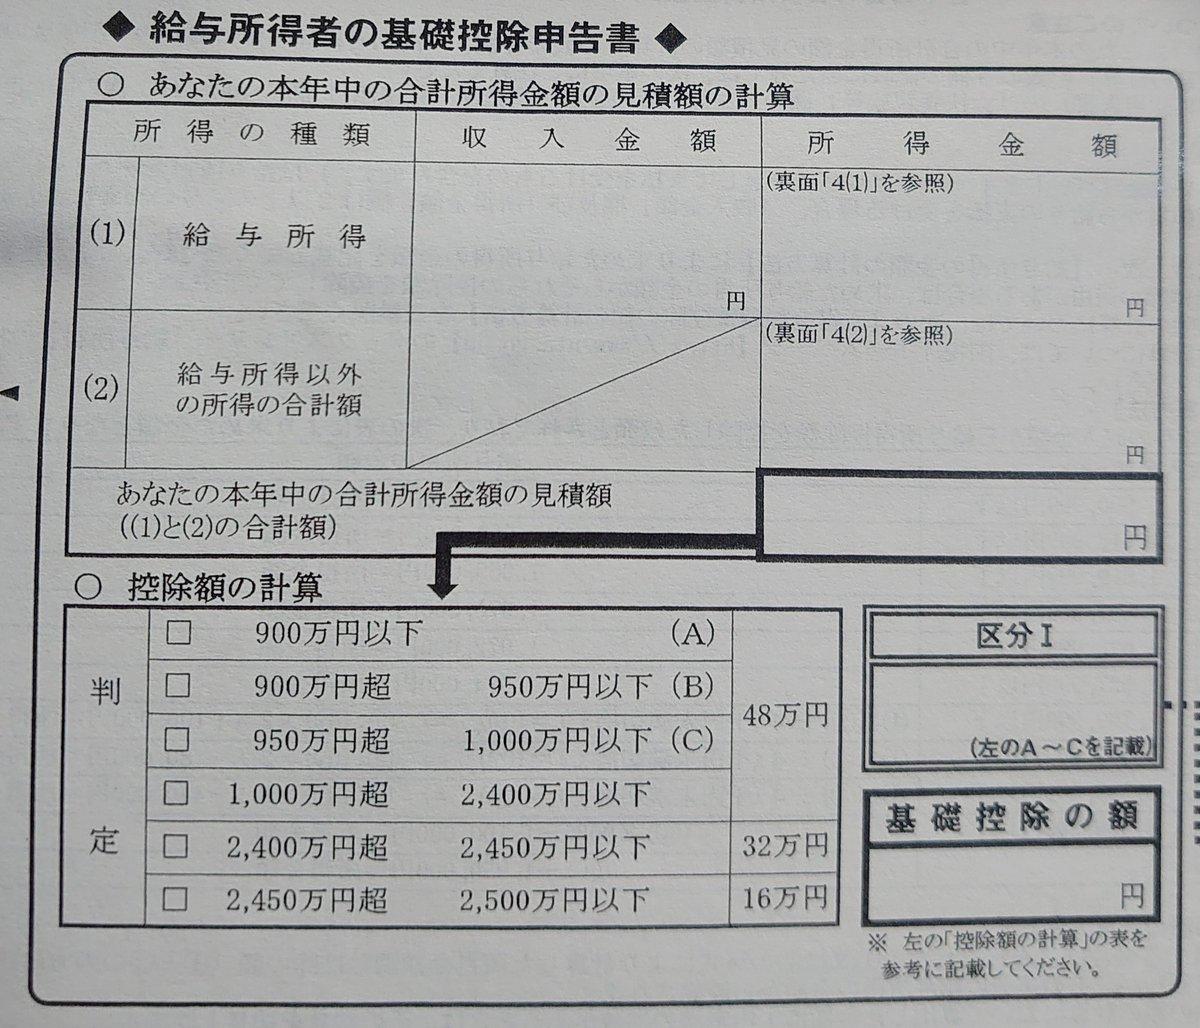 所得 控除 申告 給与 者 基礎 金額 の 書 収入